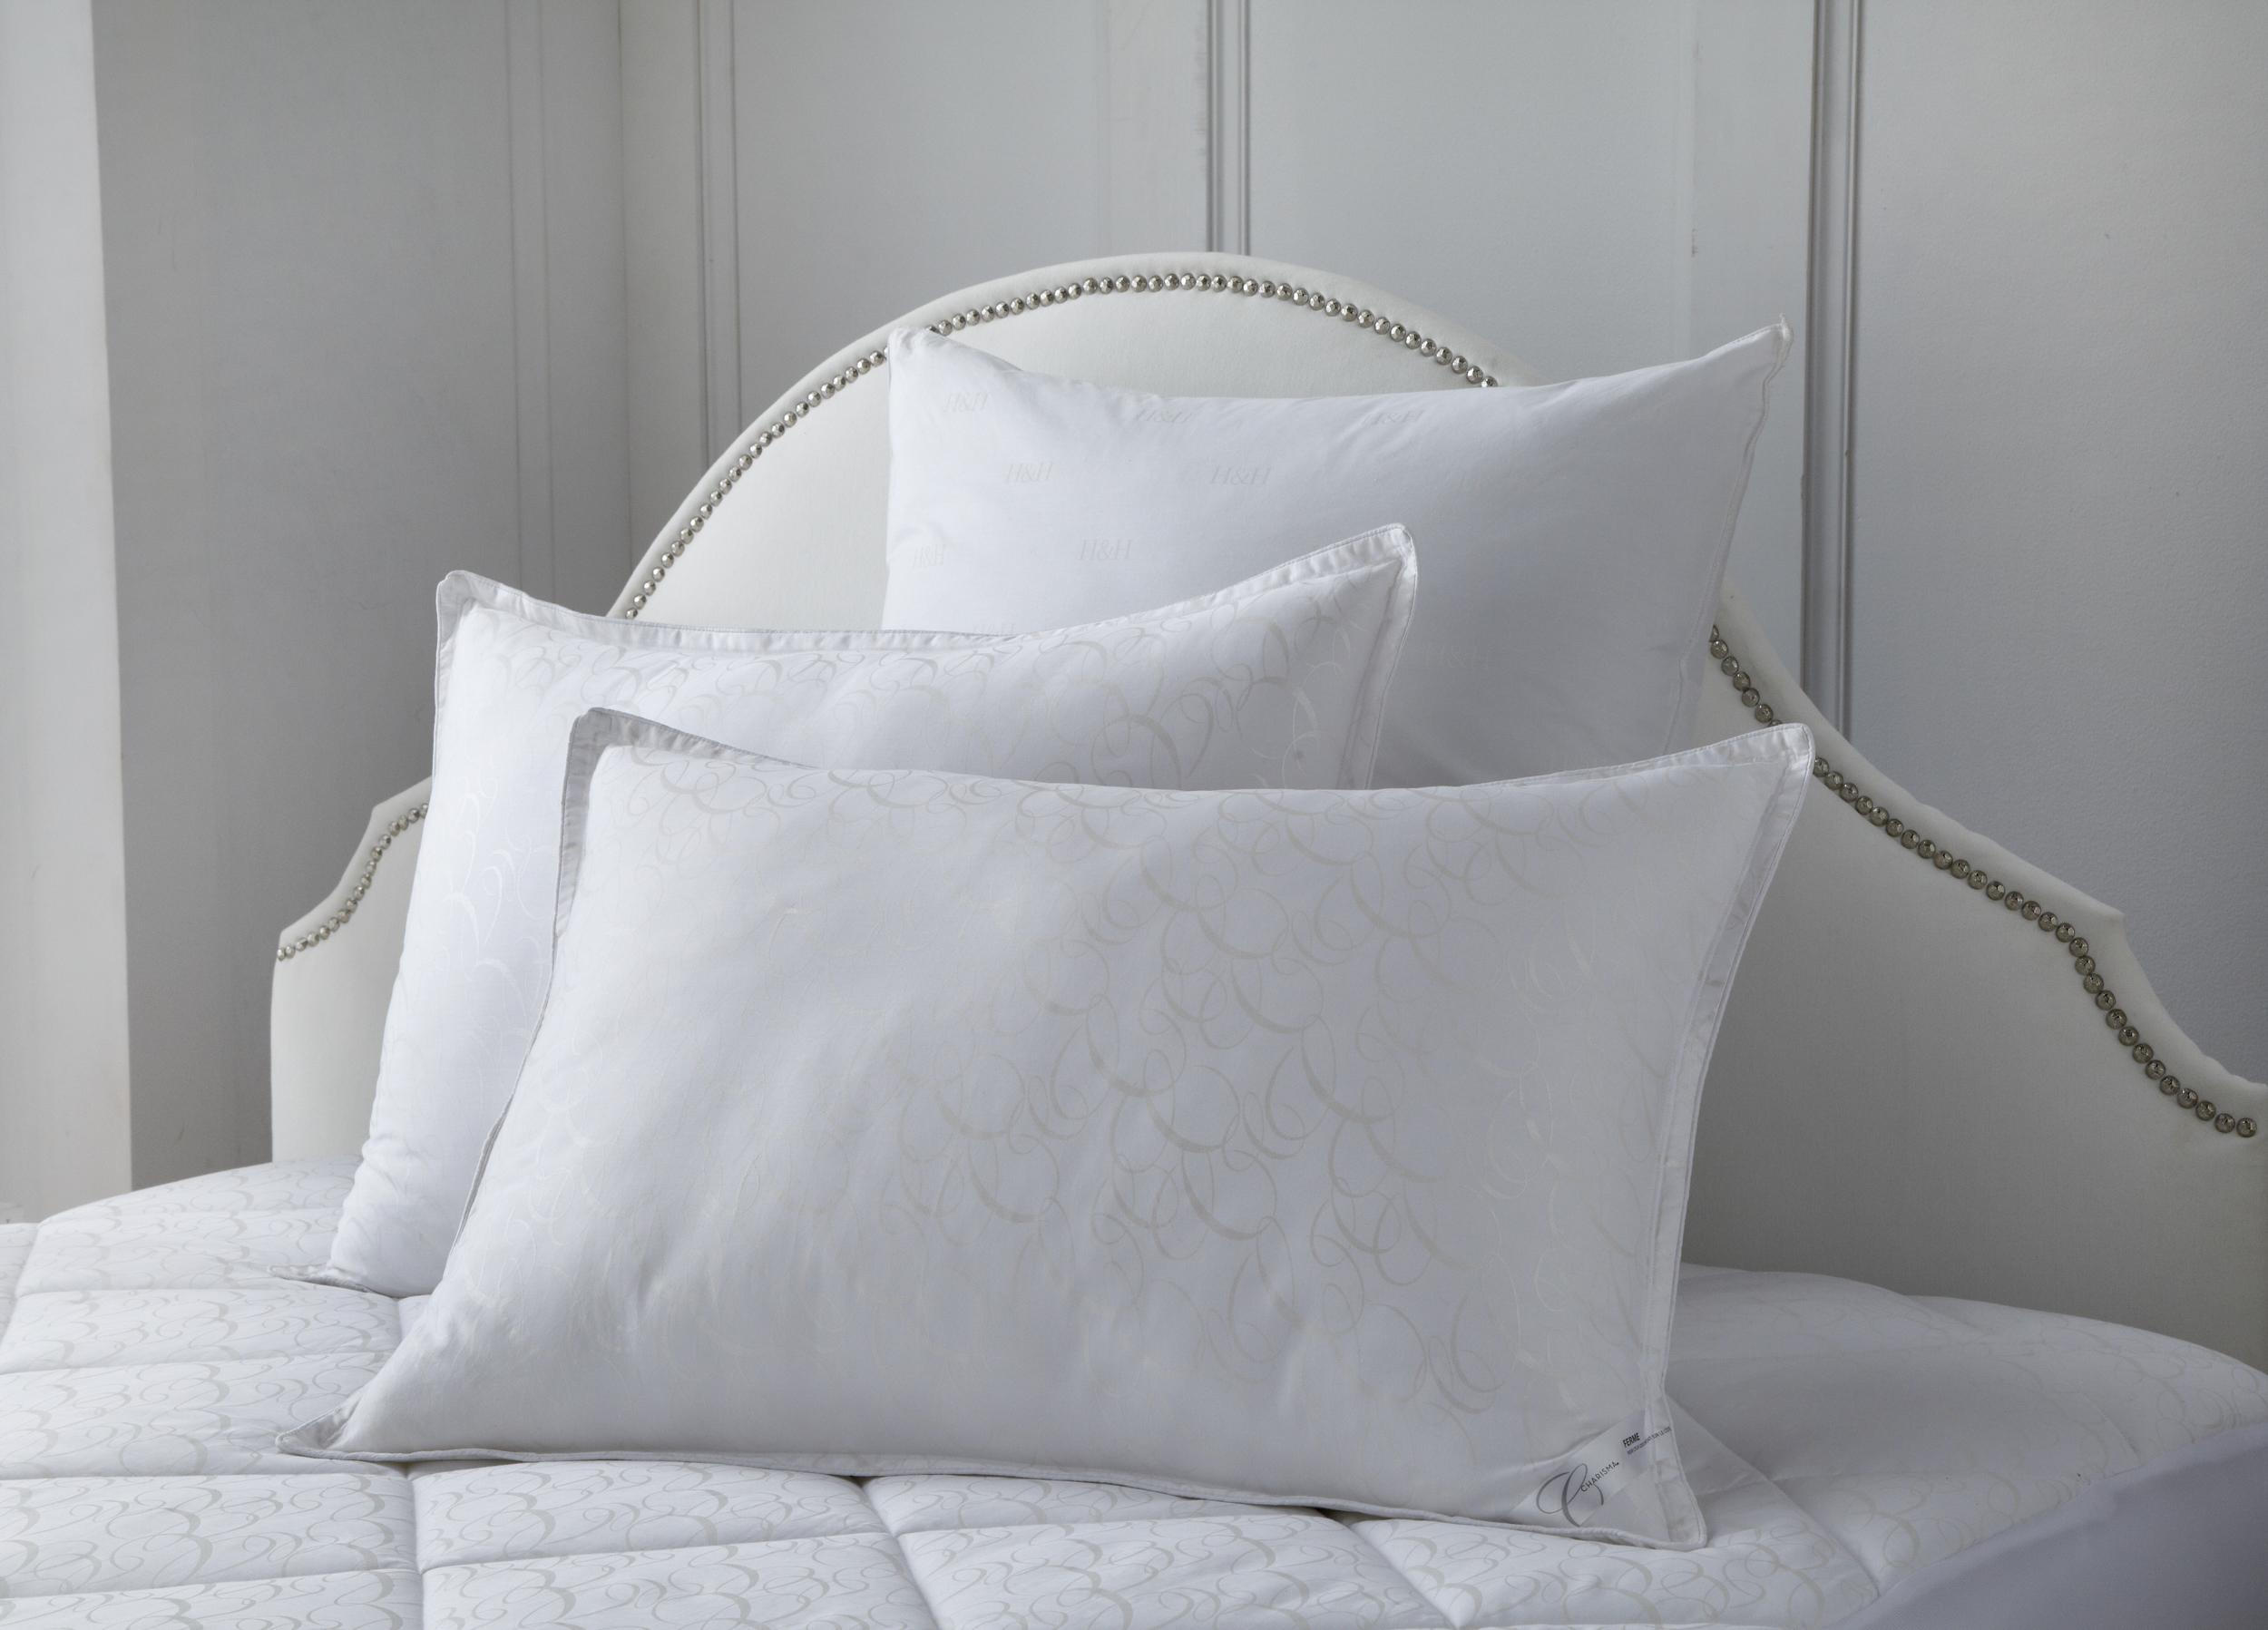 Charisma_pillows.jpg